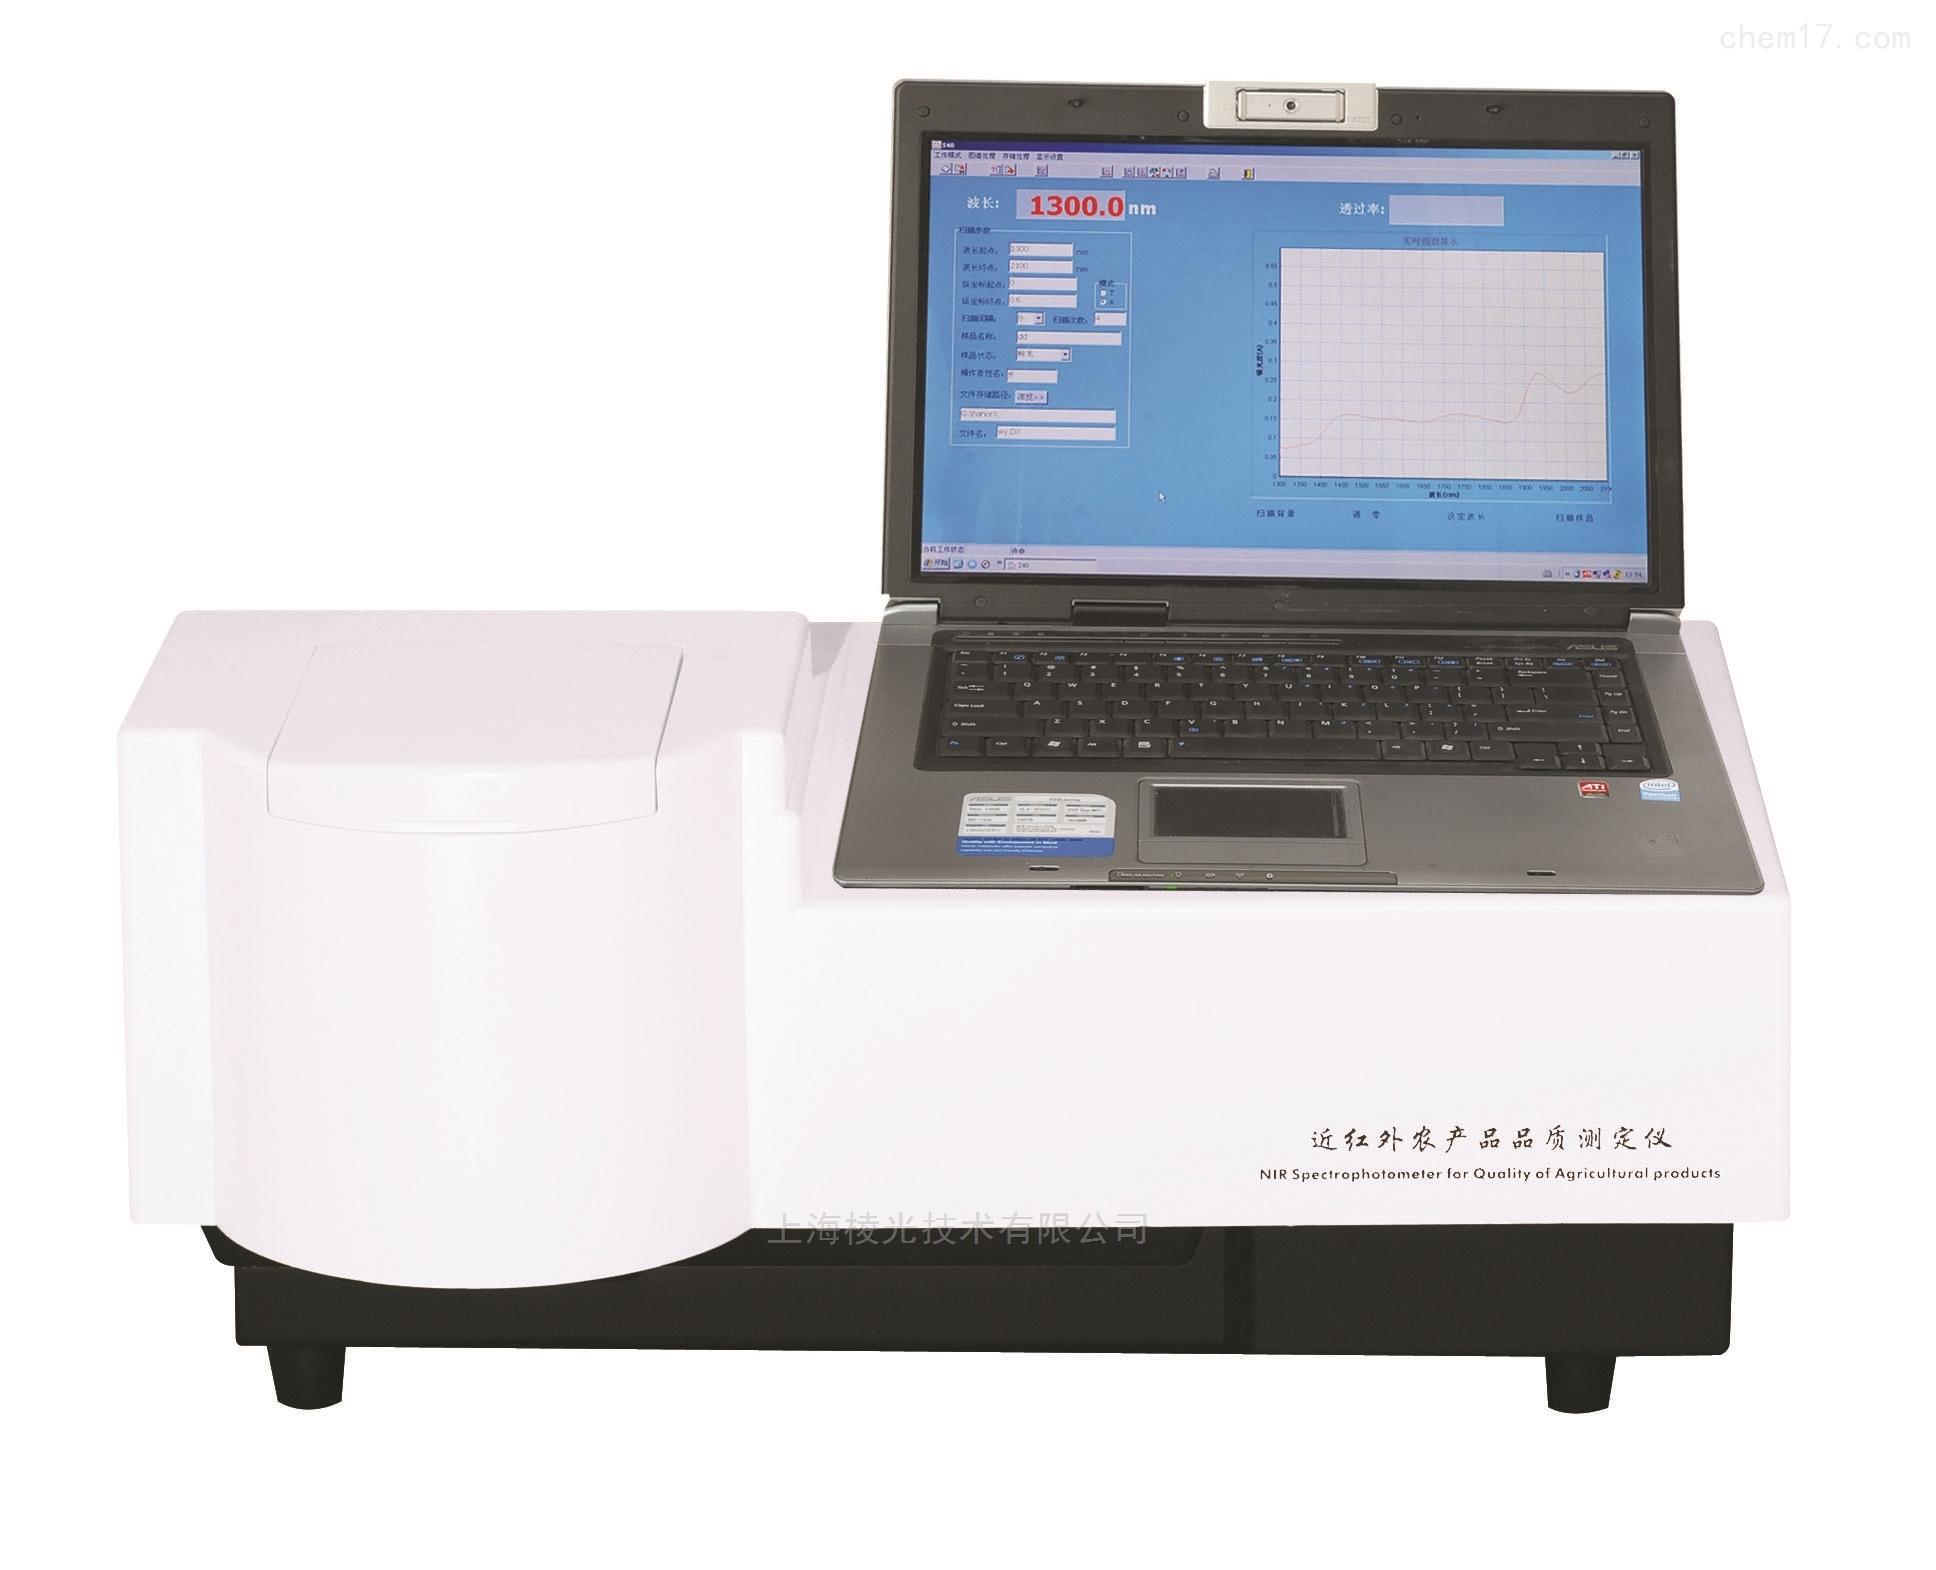 棱光技术S450 近红外光谱仪